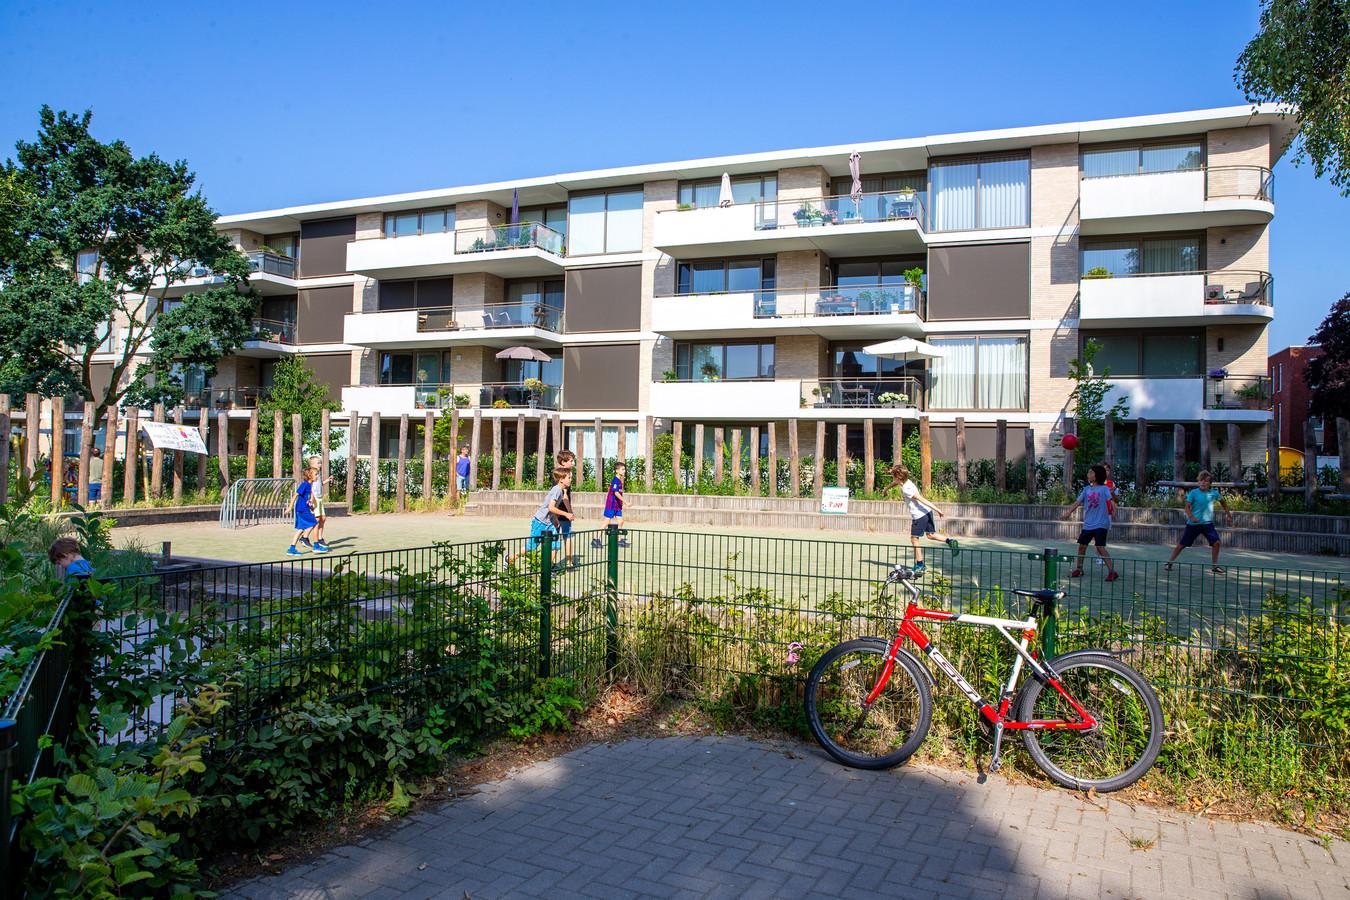 Het speelveld bij basisschool De Buut in Nijmegen Oost